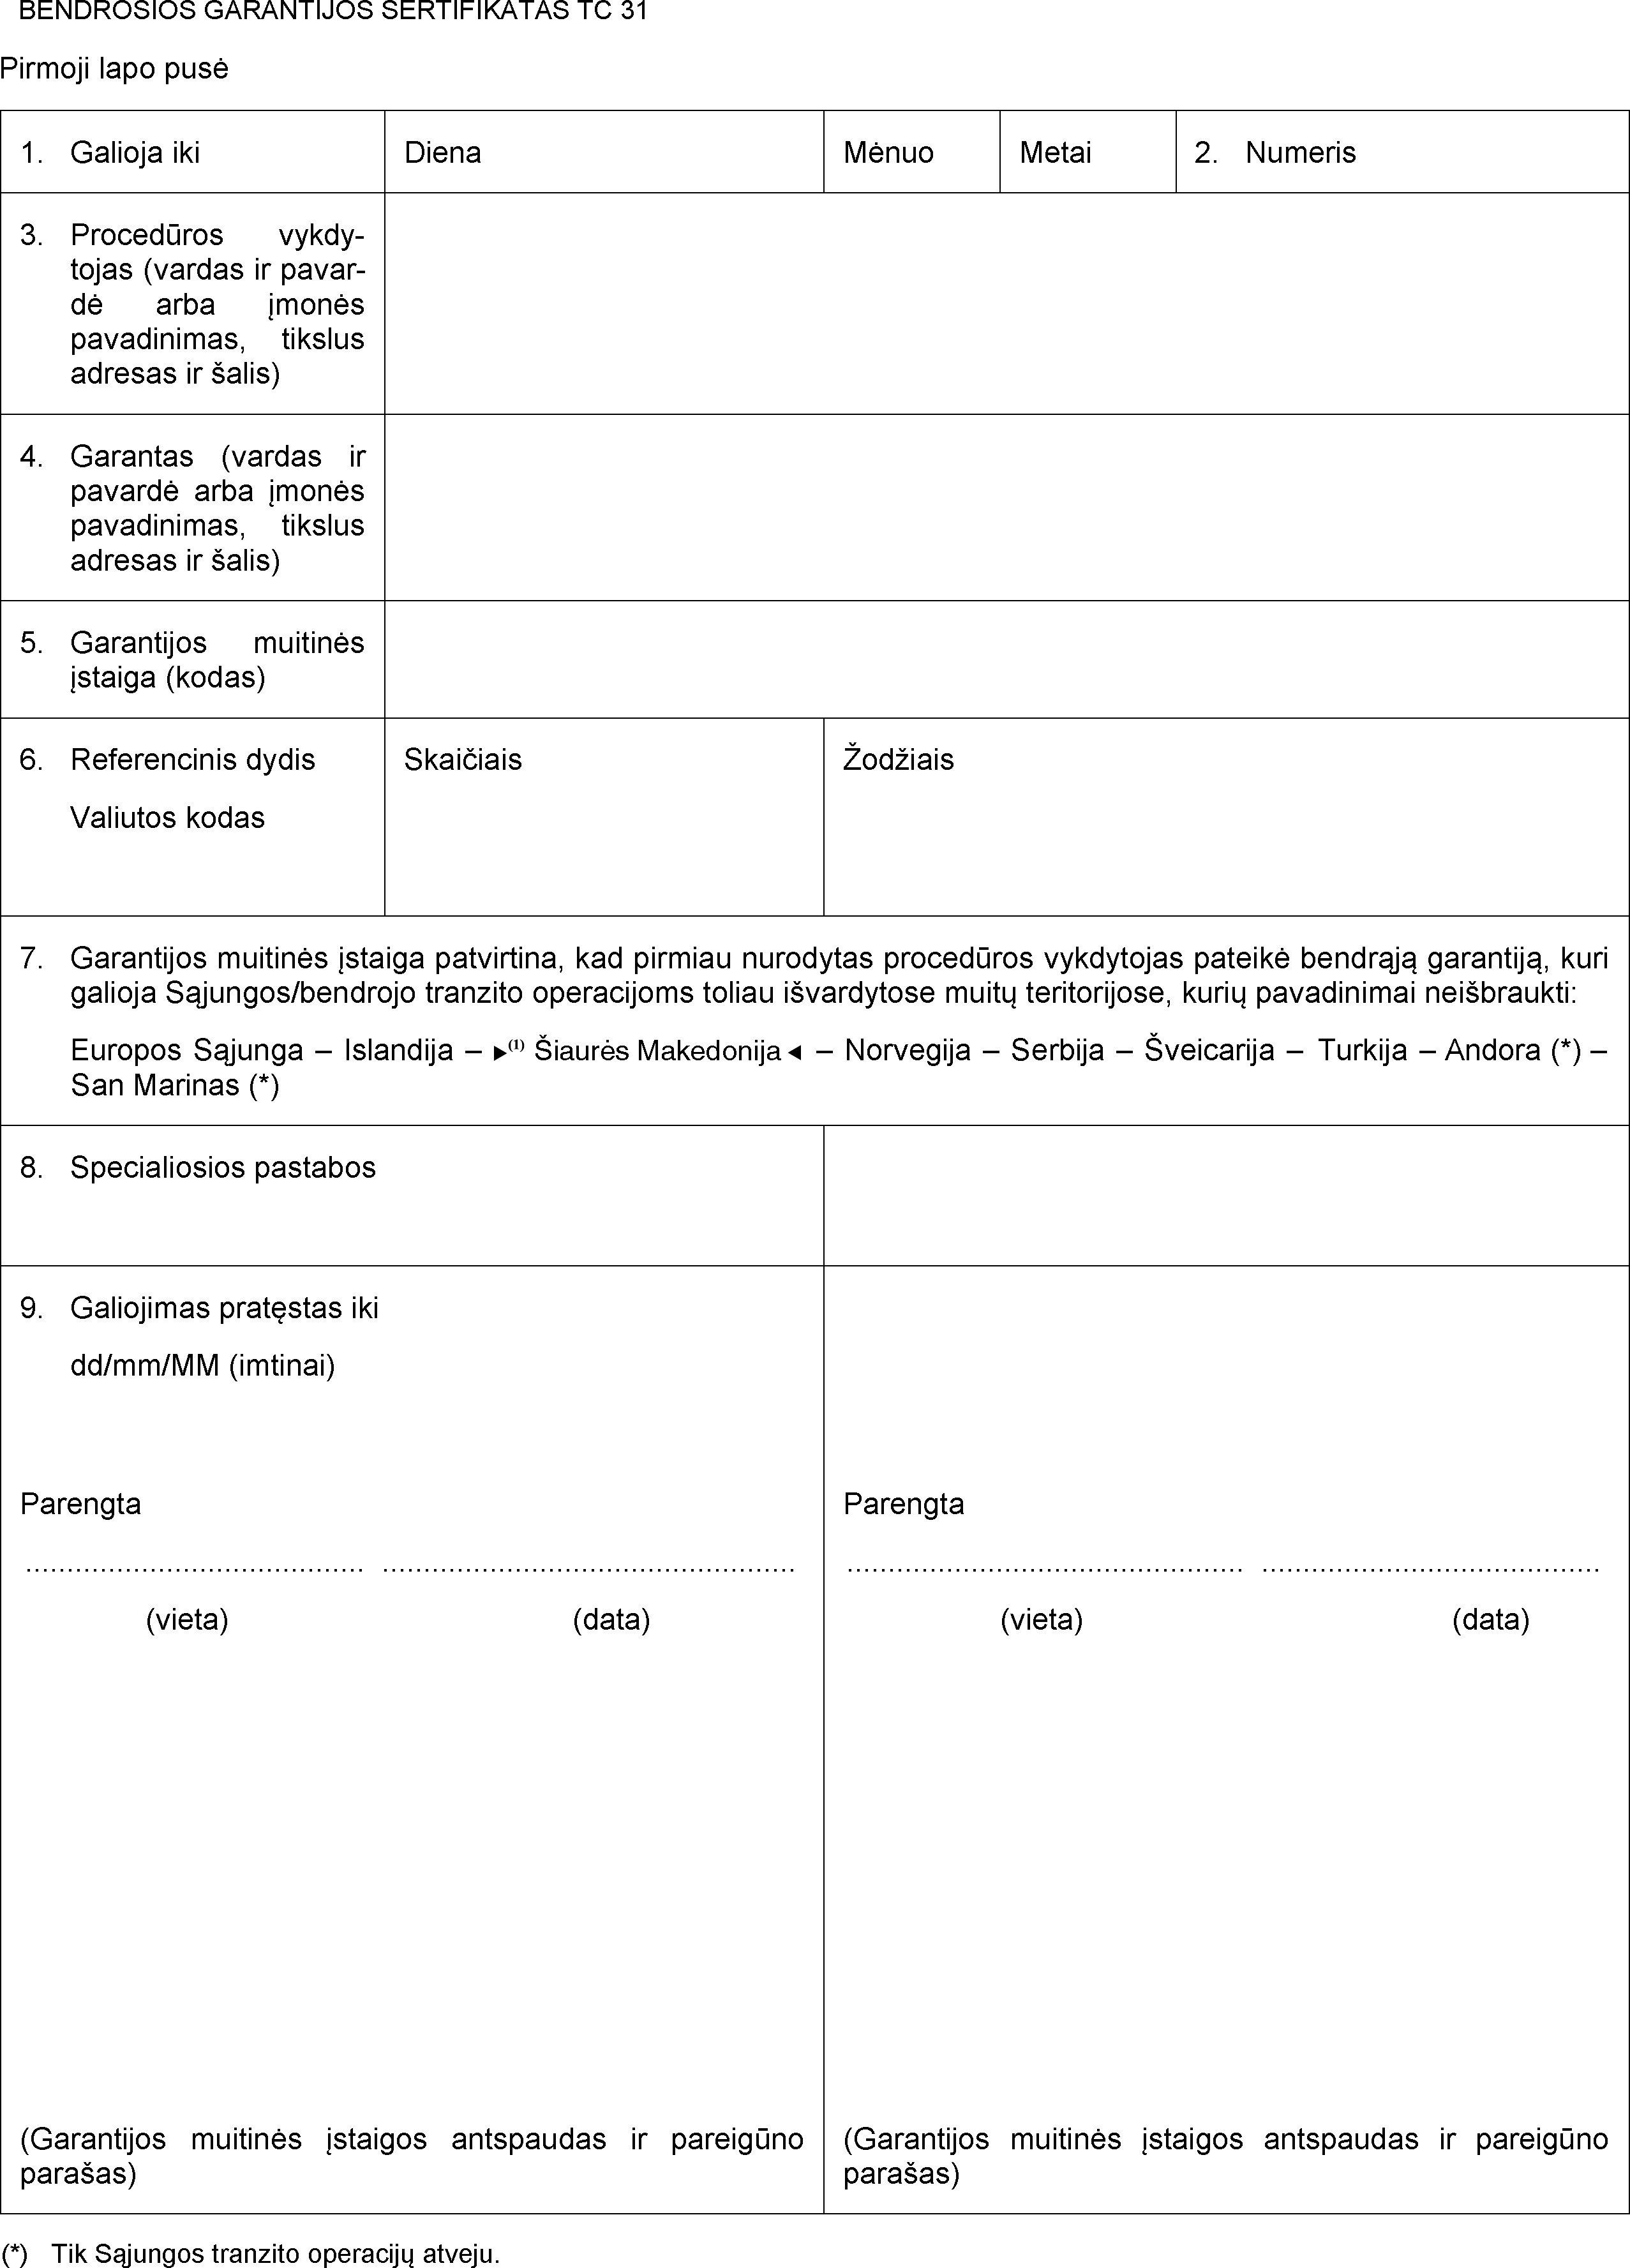 interaktyvių brokerių pasirinkimo pinigų sąskaita